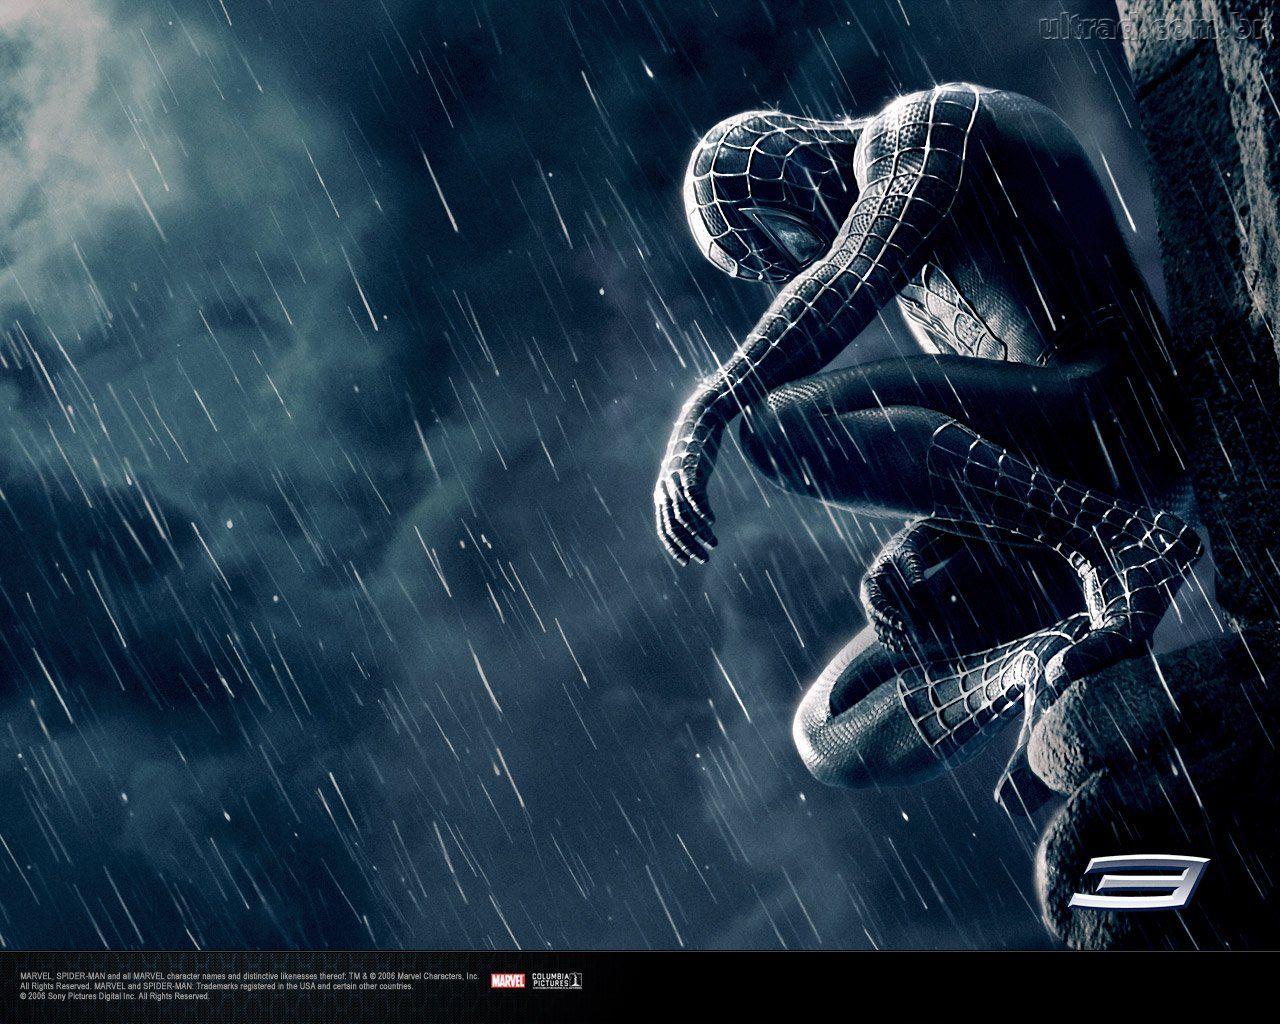 72191_Papel De Parede Homem Aranha 3 Spiderman 3 72191_1280x1024 1